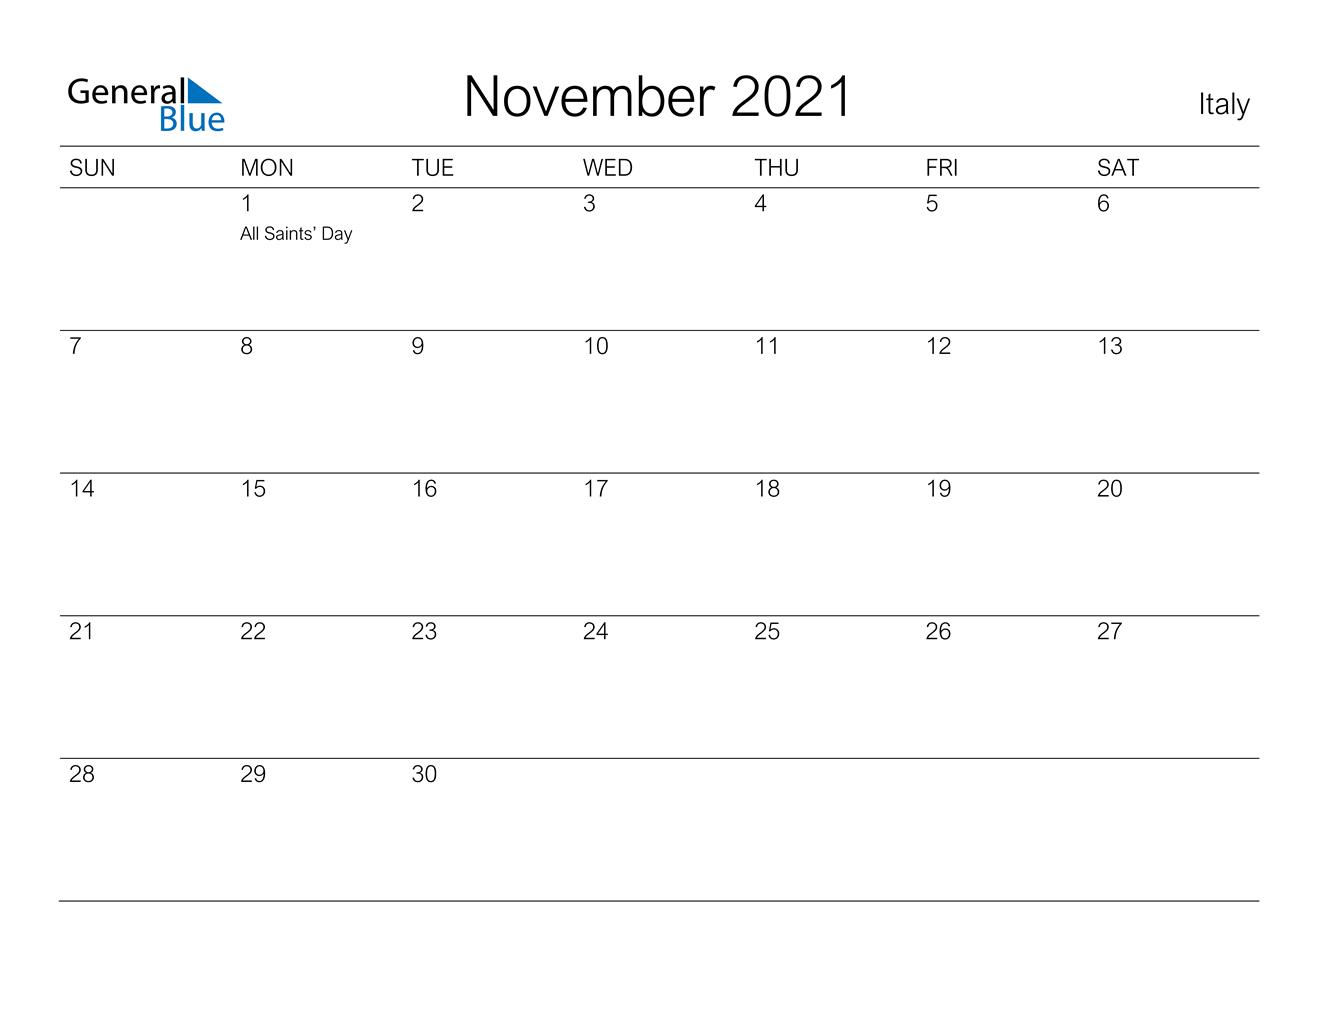 November 2021 Calendar Italy